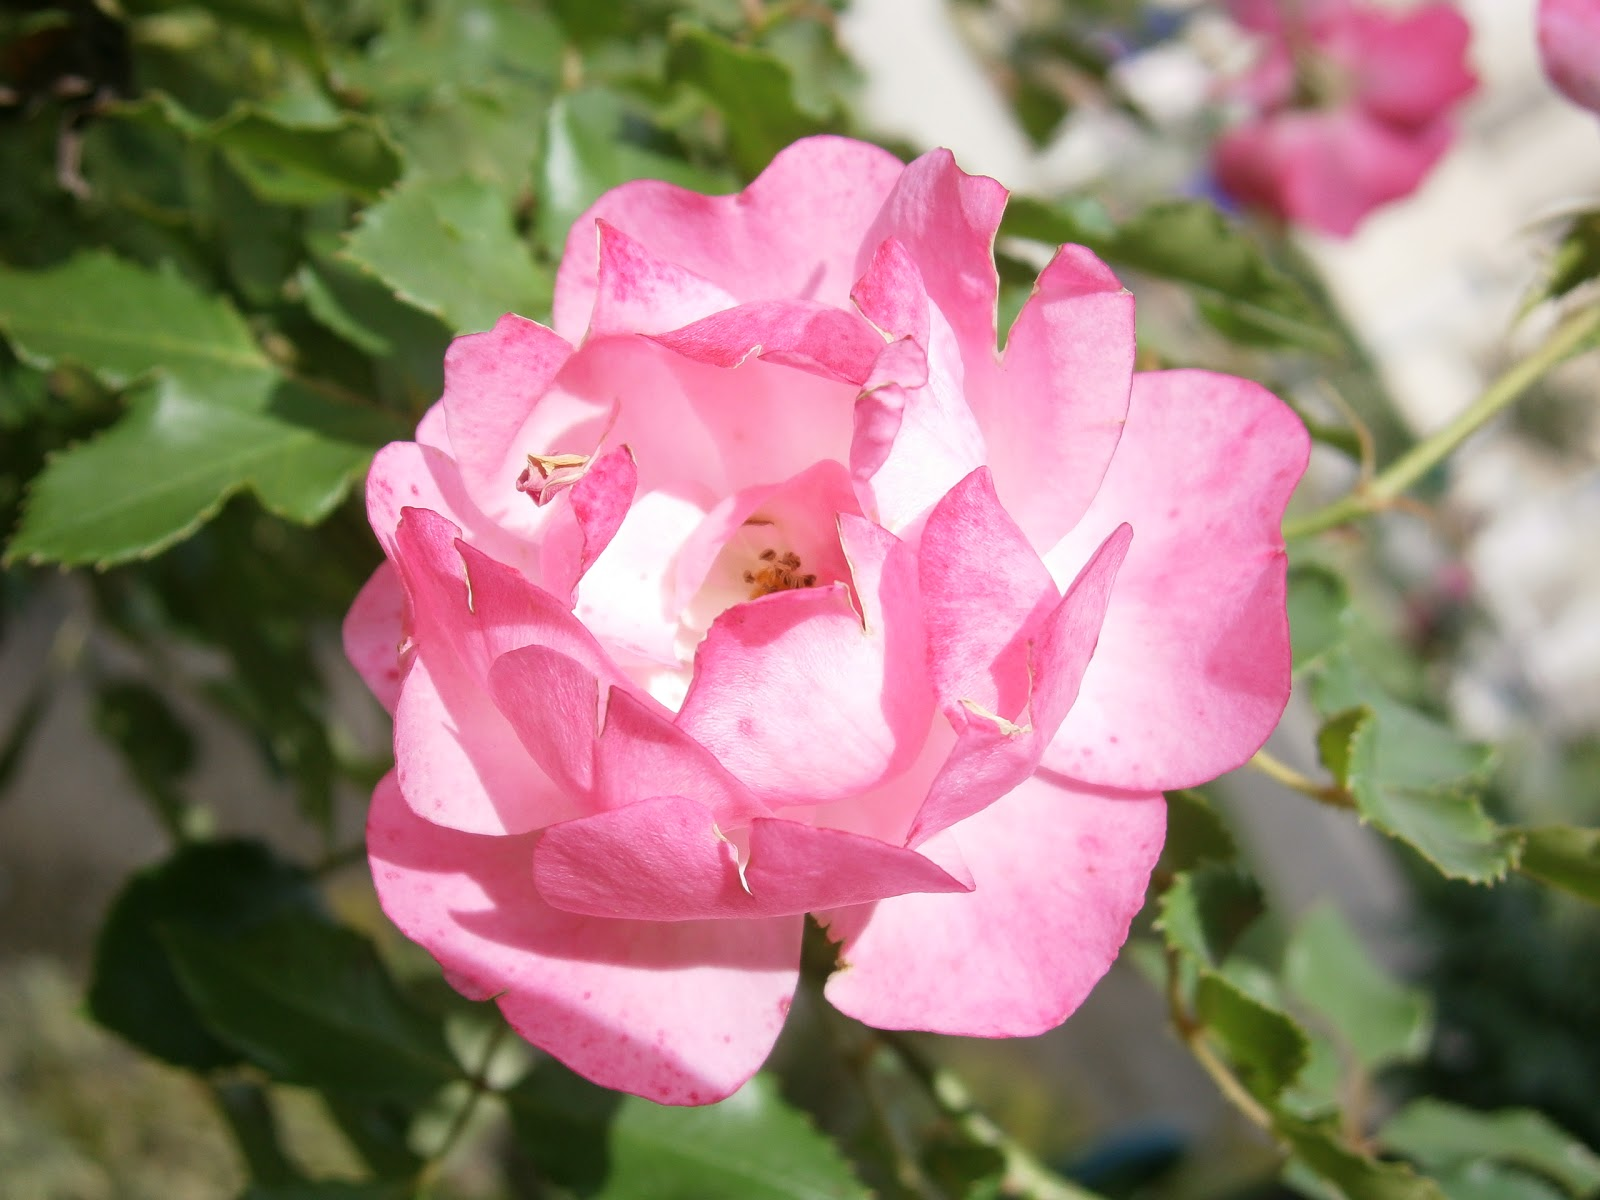 Plantes et fleurs de mon jardin photo d 39 une rose rose - Plante a fleurs roses ...